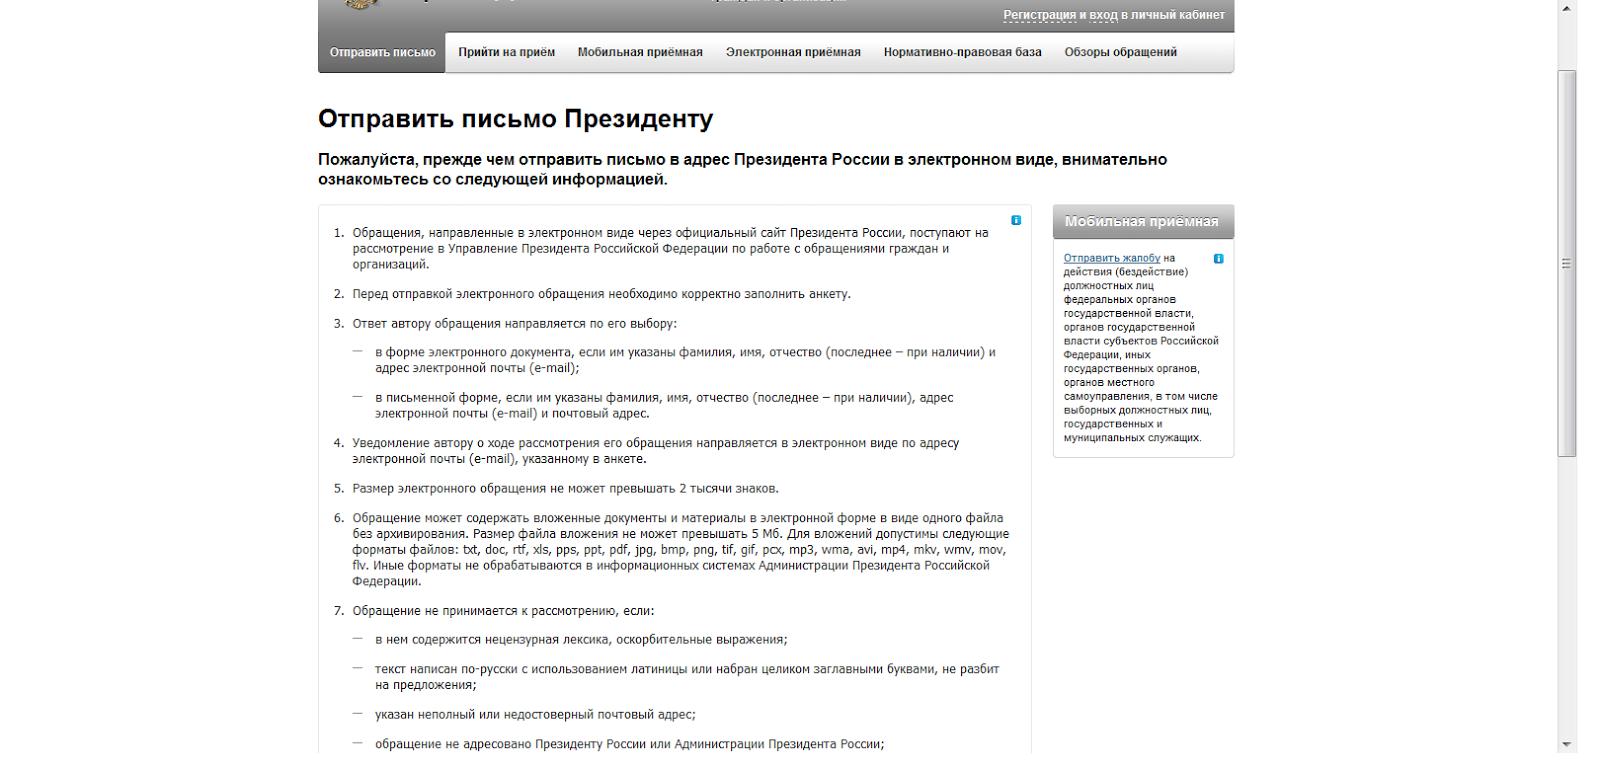 Губернатор  Правительство Ростовской области